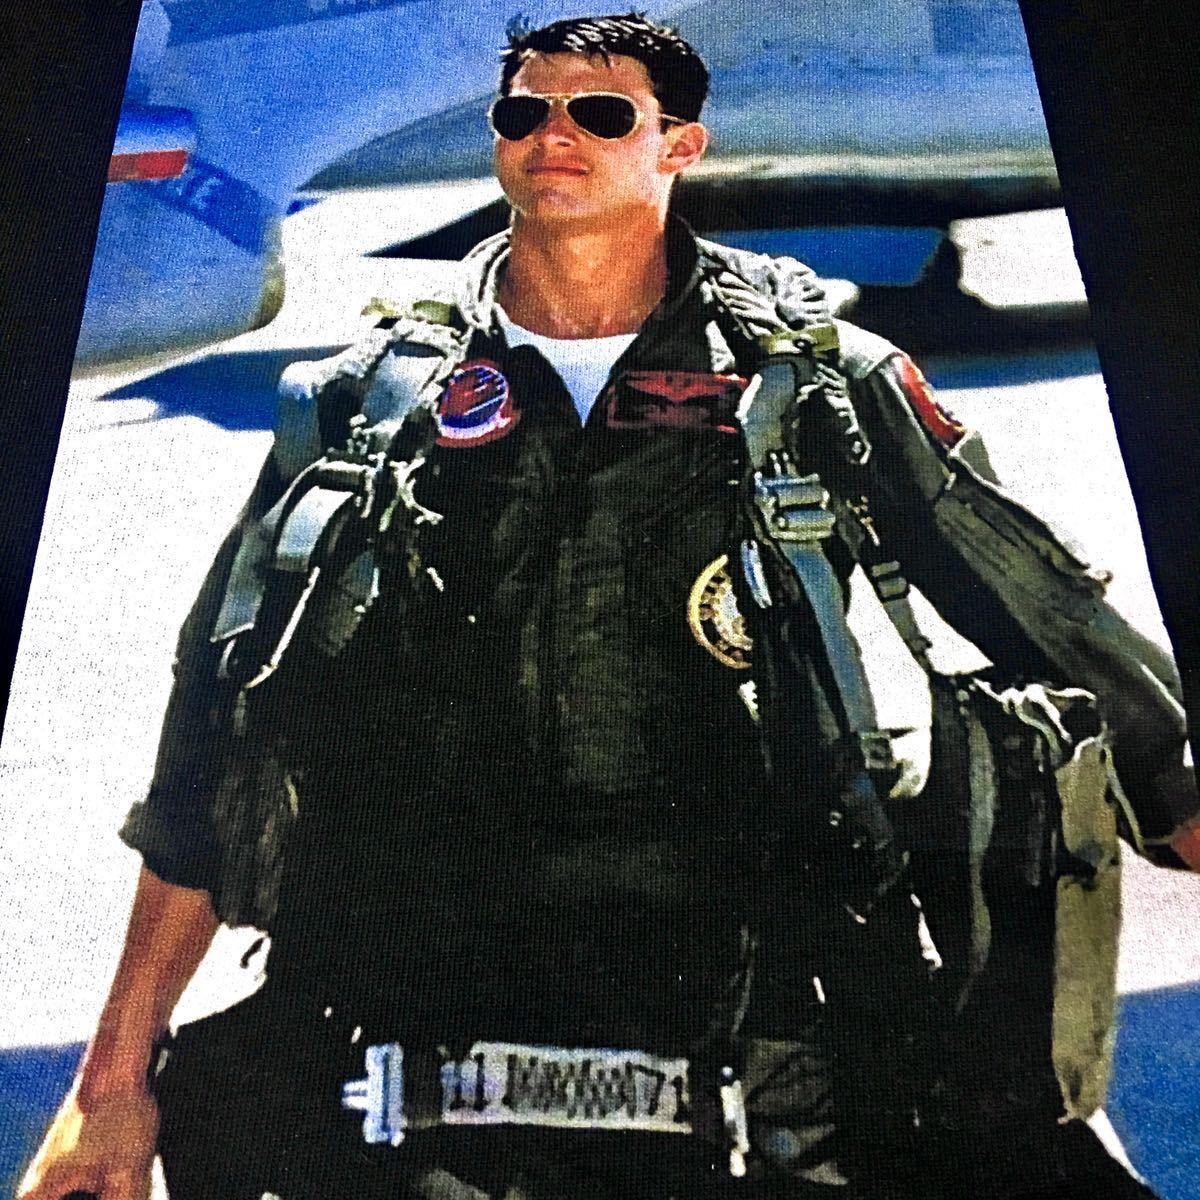 新品 トップガン トムクルーズ サングラス US AIR FORCE F-14 黒 パーカー XS S M L XL ビッグ オーバー サイズ XXL ジップアップ ロンT 可_画像6